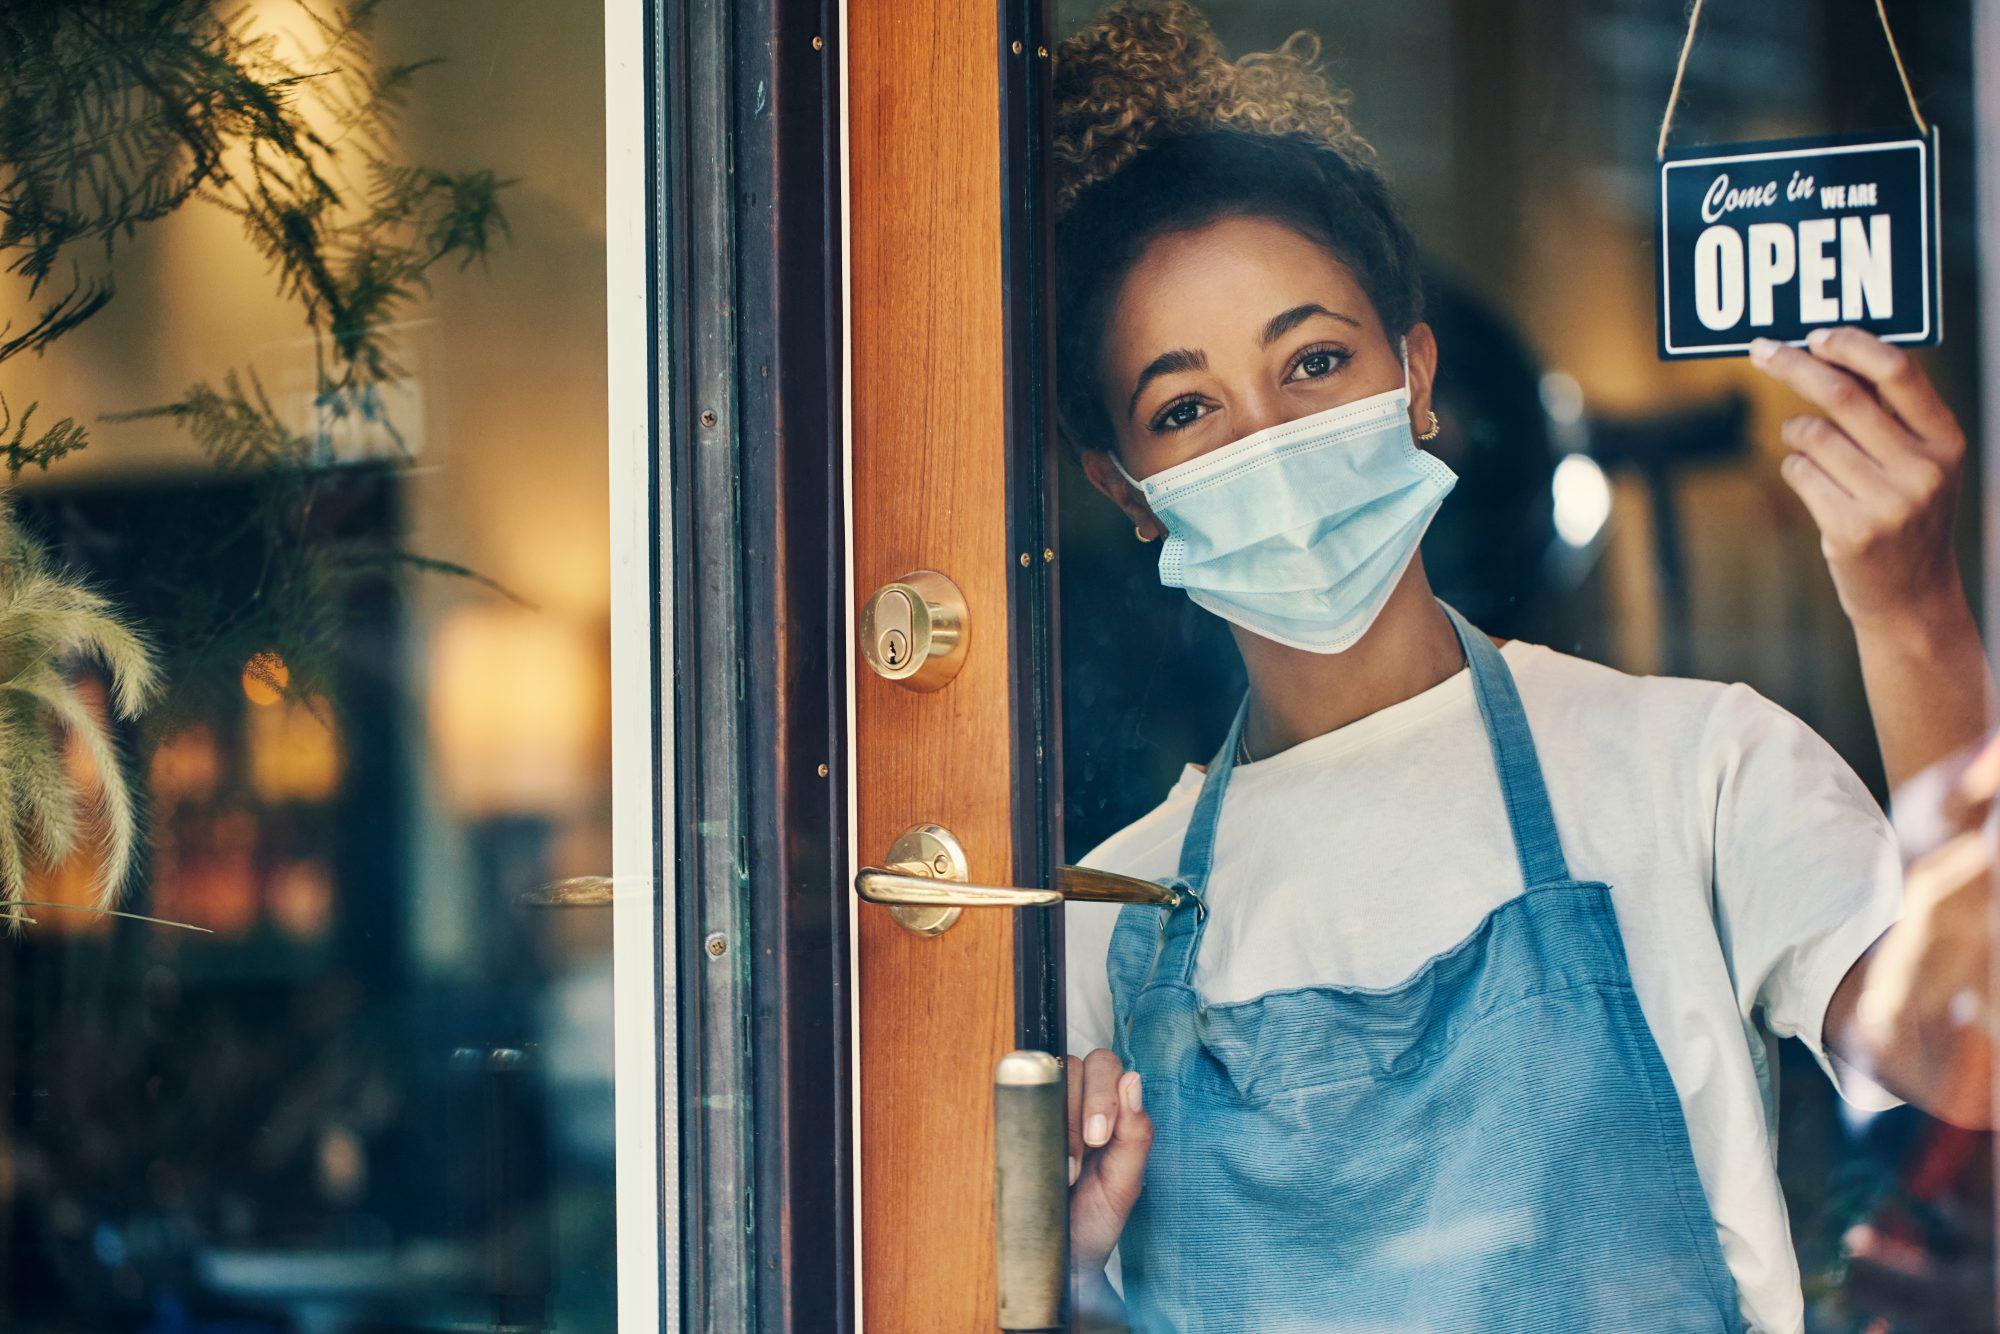 pandemic-restaurant-open-1272761182.jpg